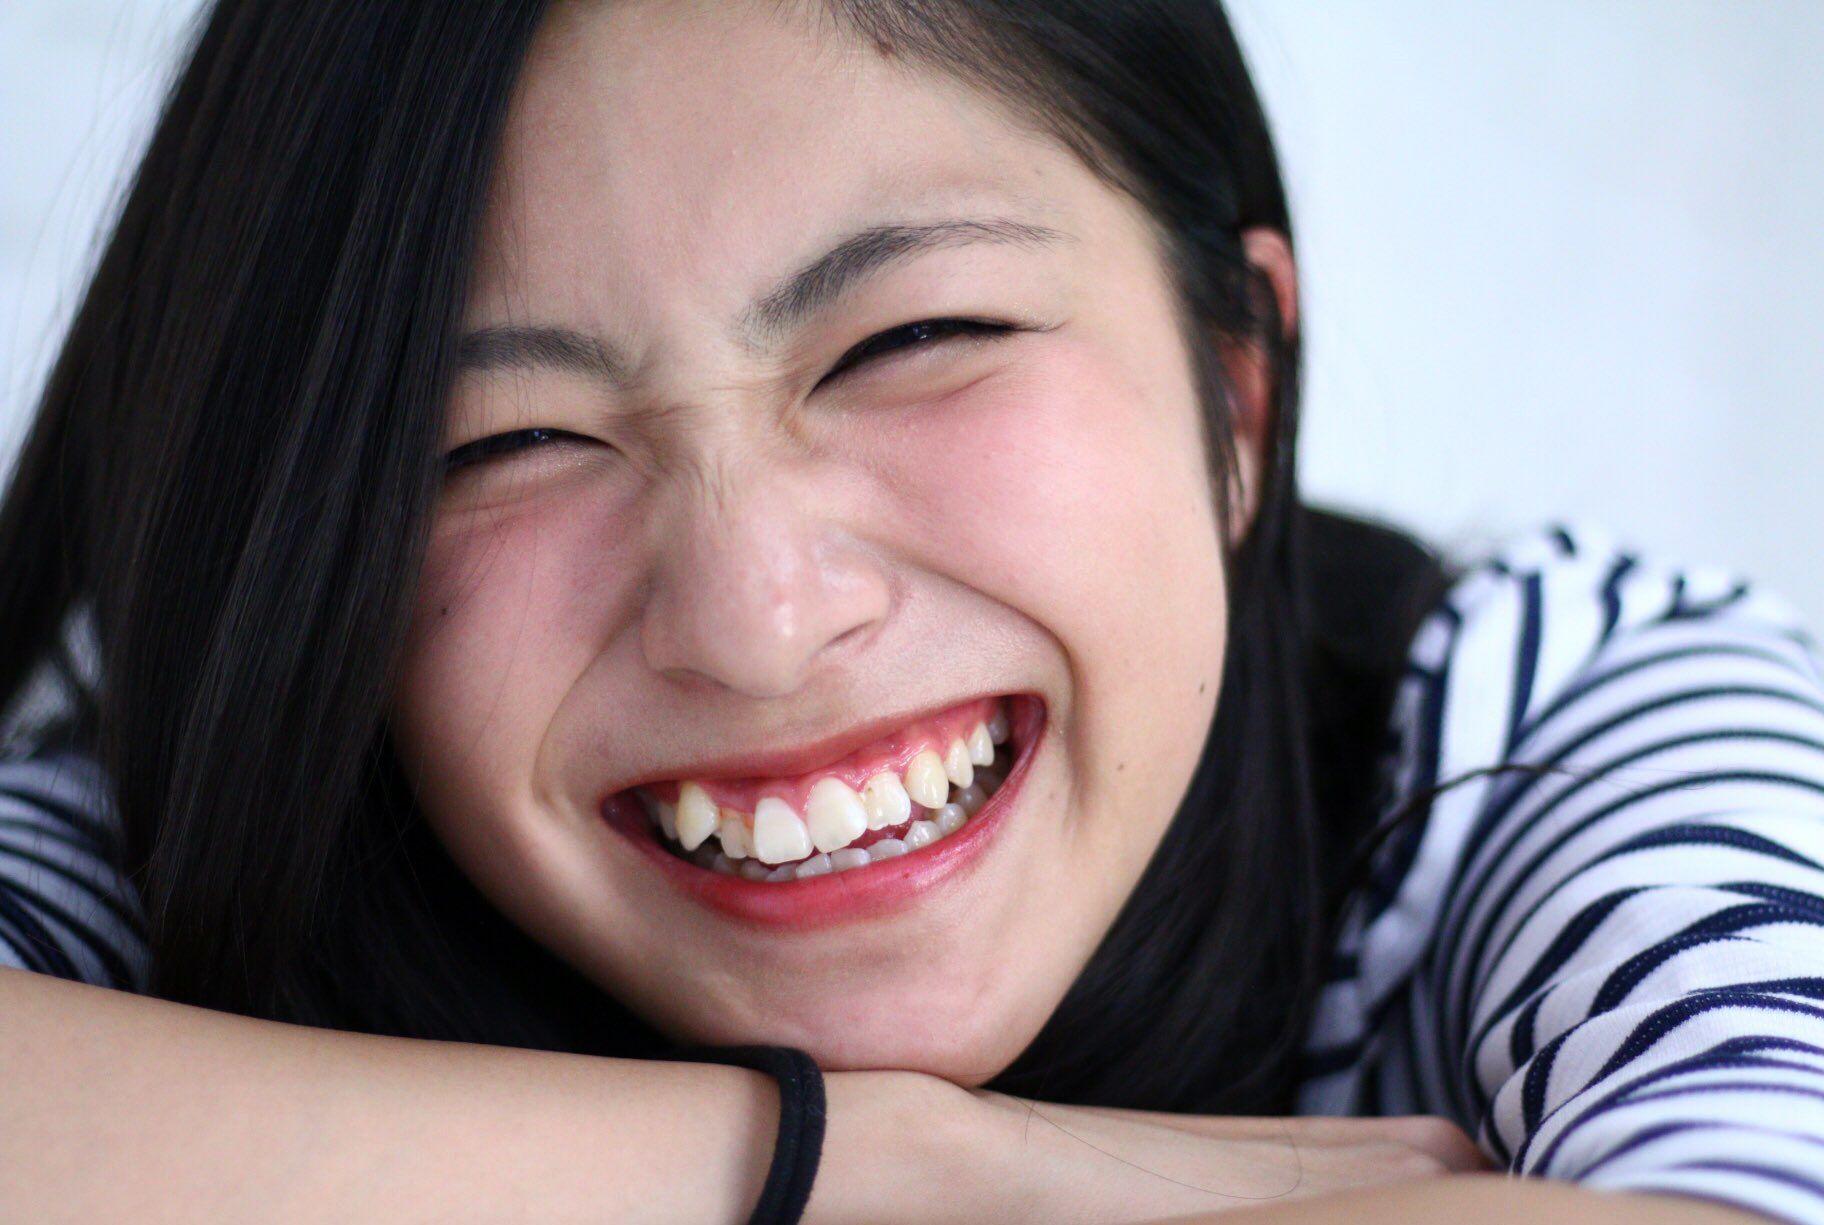 奈良岡美夢の顔ヌキ素材 (6)